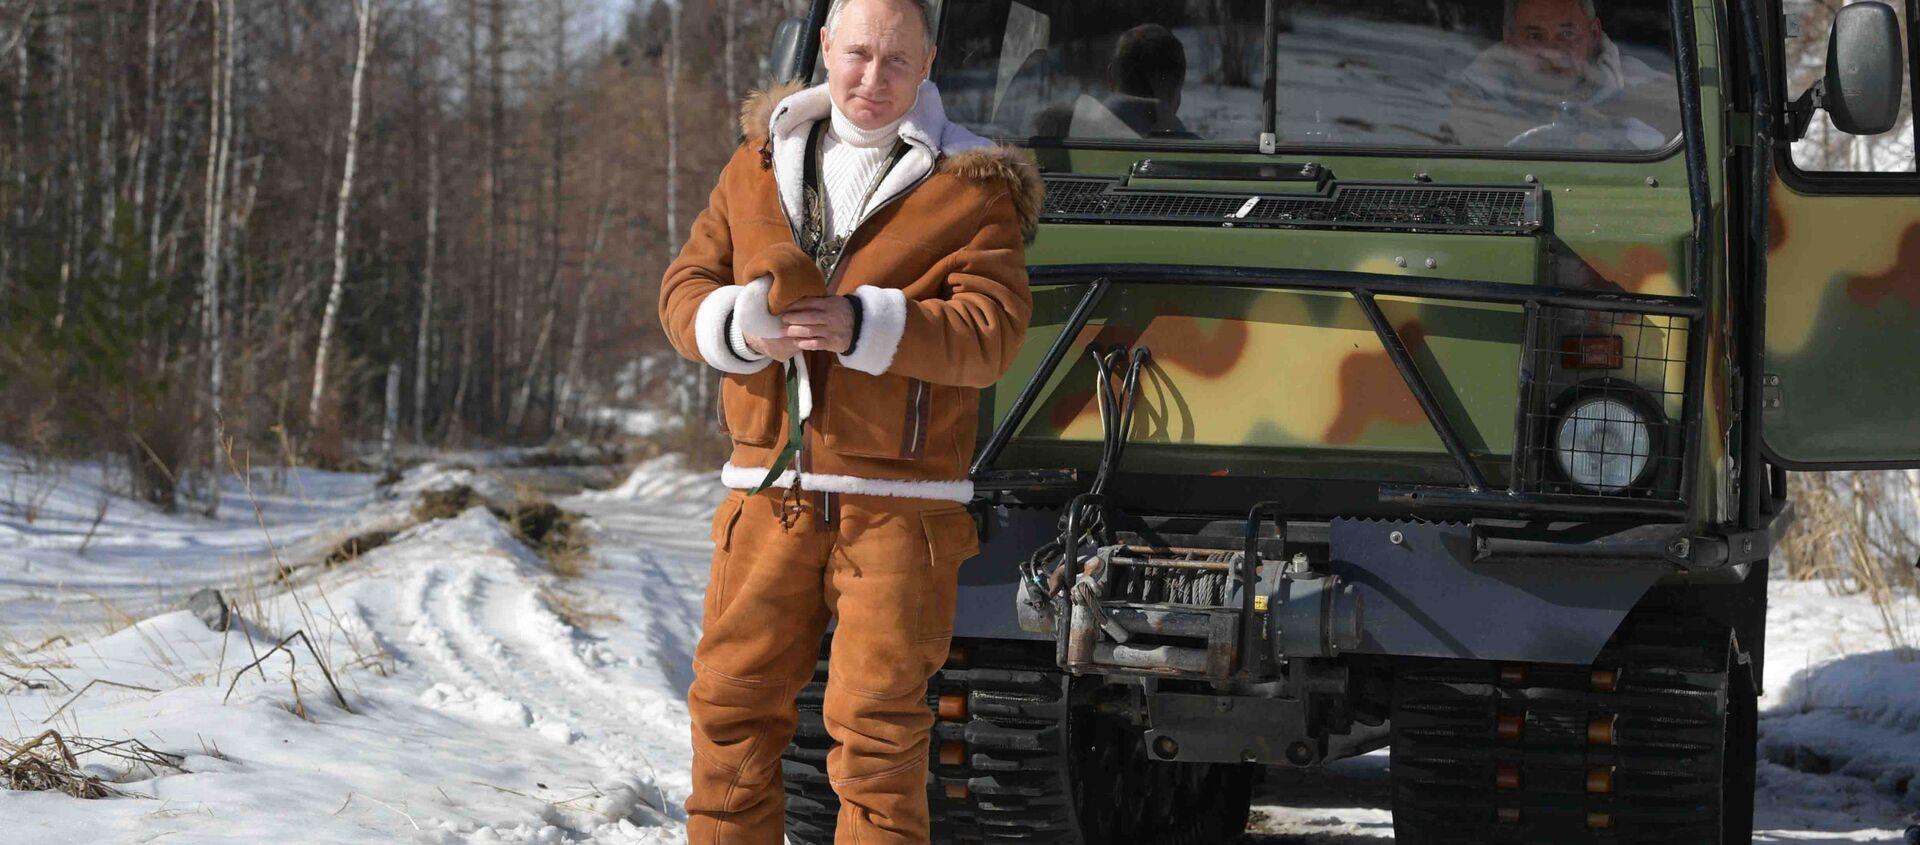 Tổng thống Nga Vladimir Putin đi dạo trong rừng taiga. - Sputnik Việt Nam, 1920, 21.03.2021